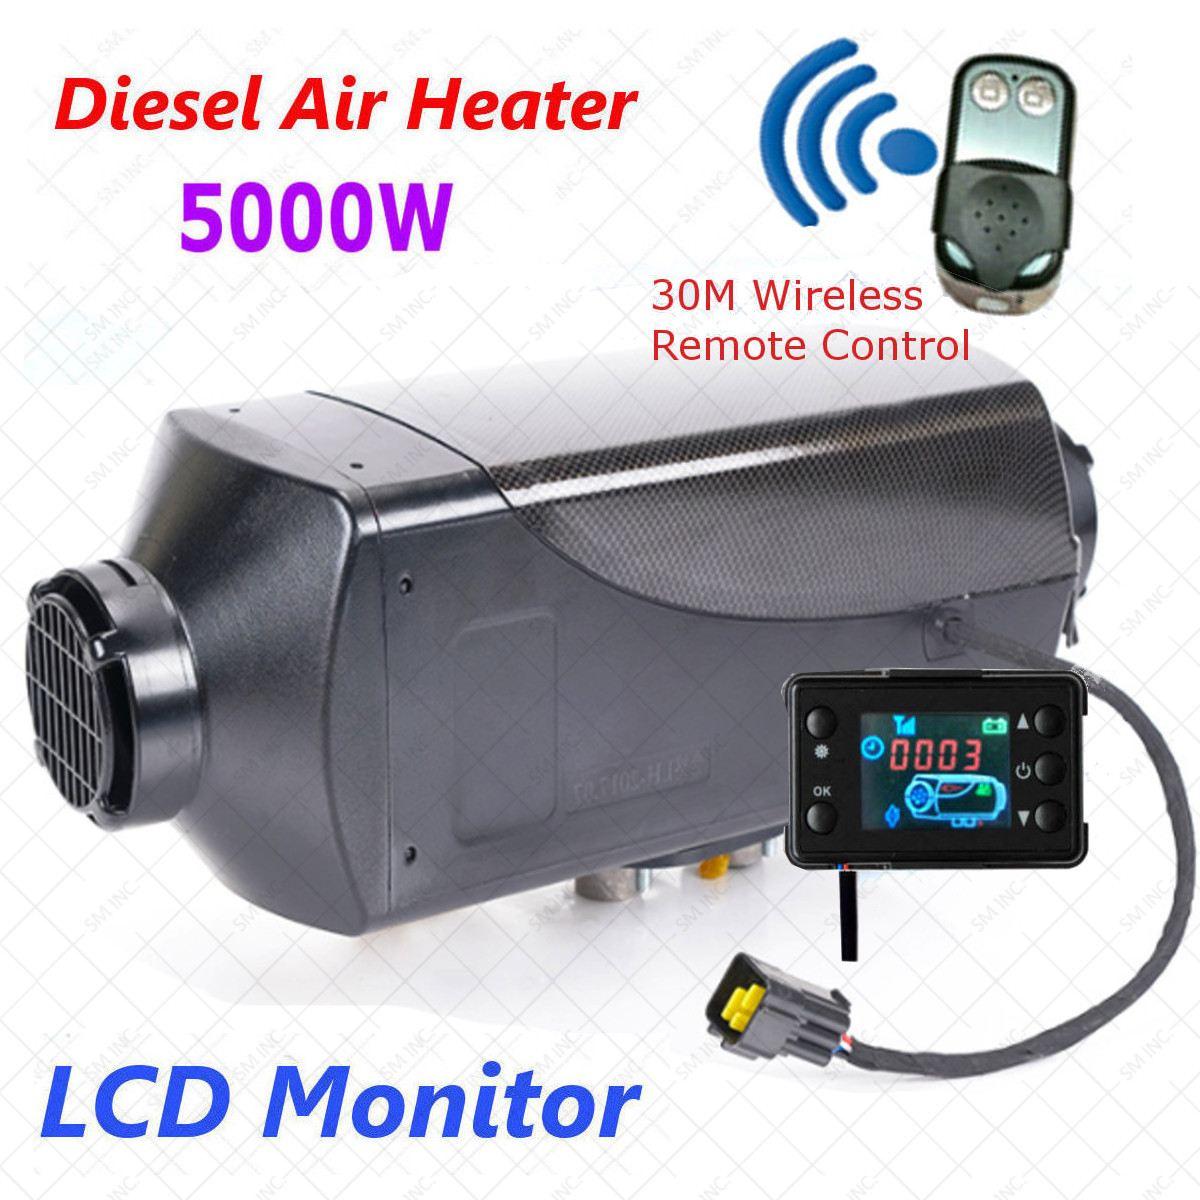 5KW 12 В Air дизелей нагреватель стояночный отопитель с дистанционным Riscaldatore ЖК-дисплей монитор автомобиля нагреватель